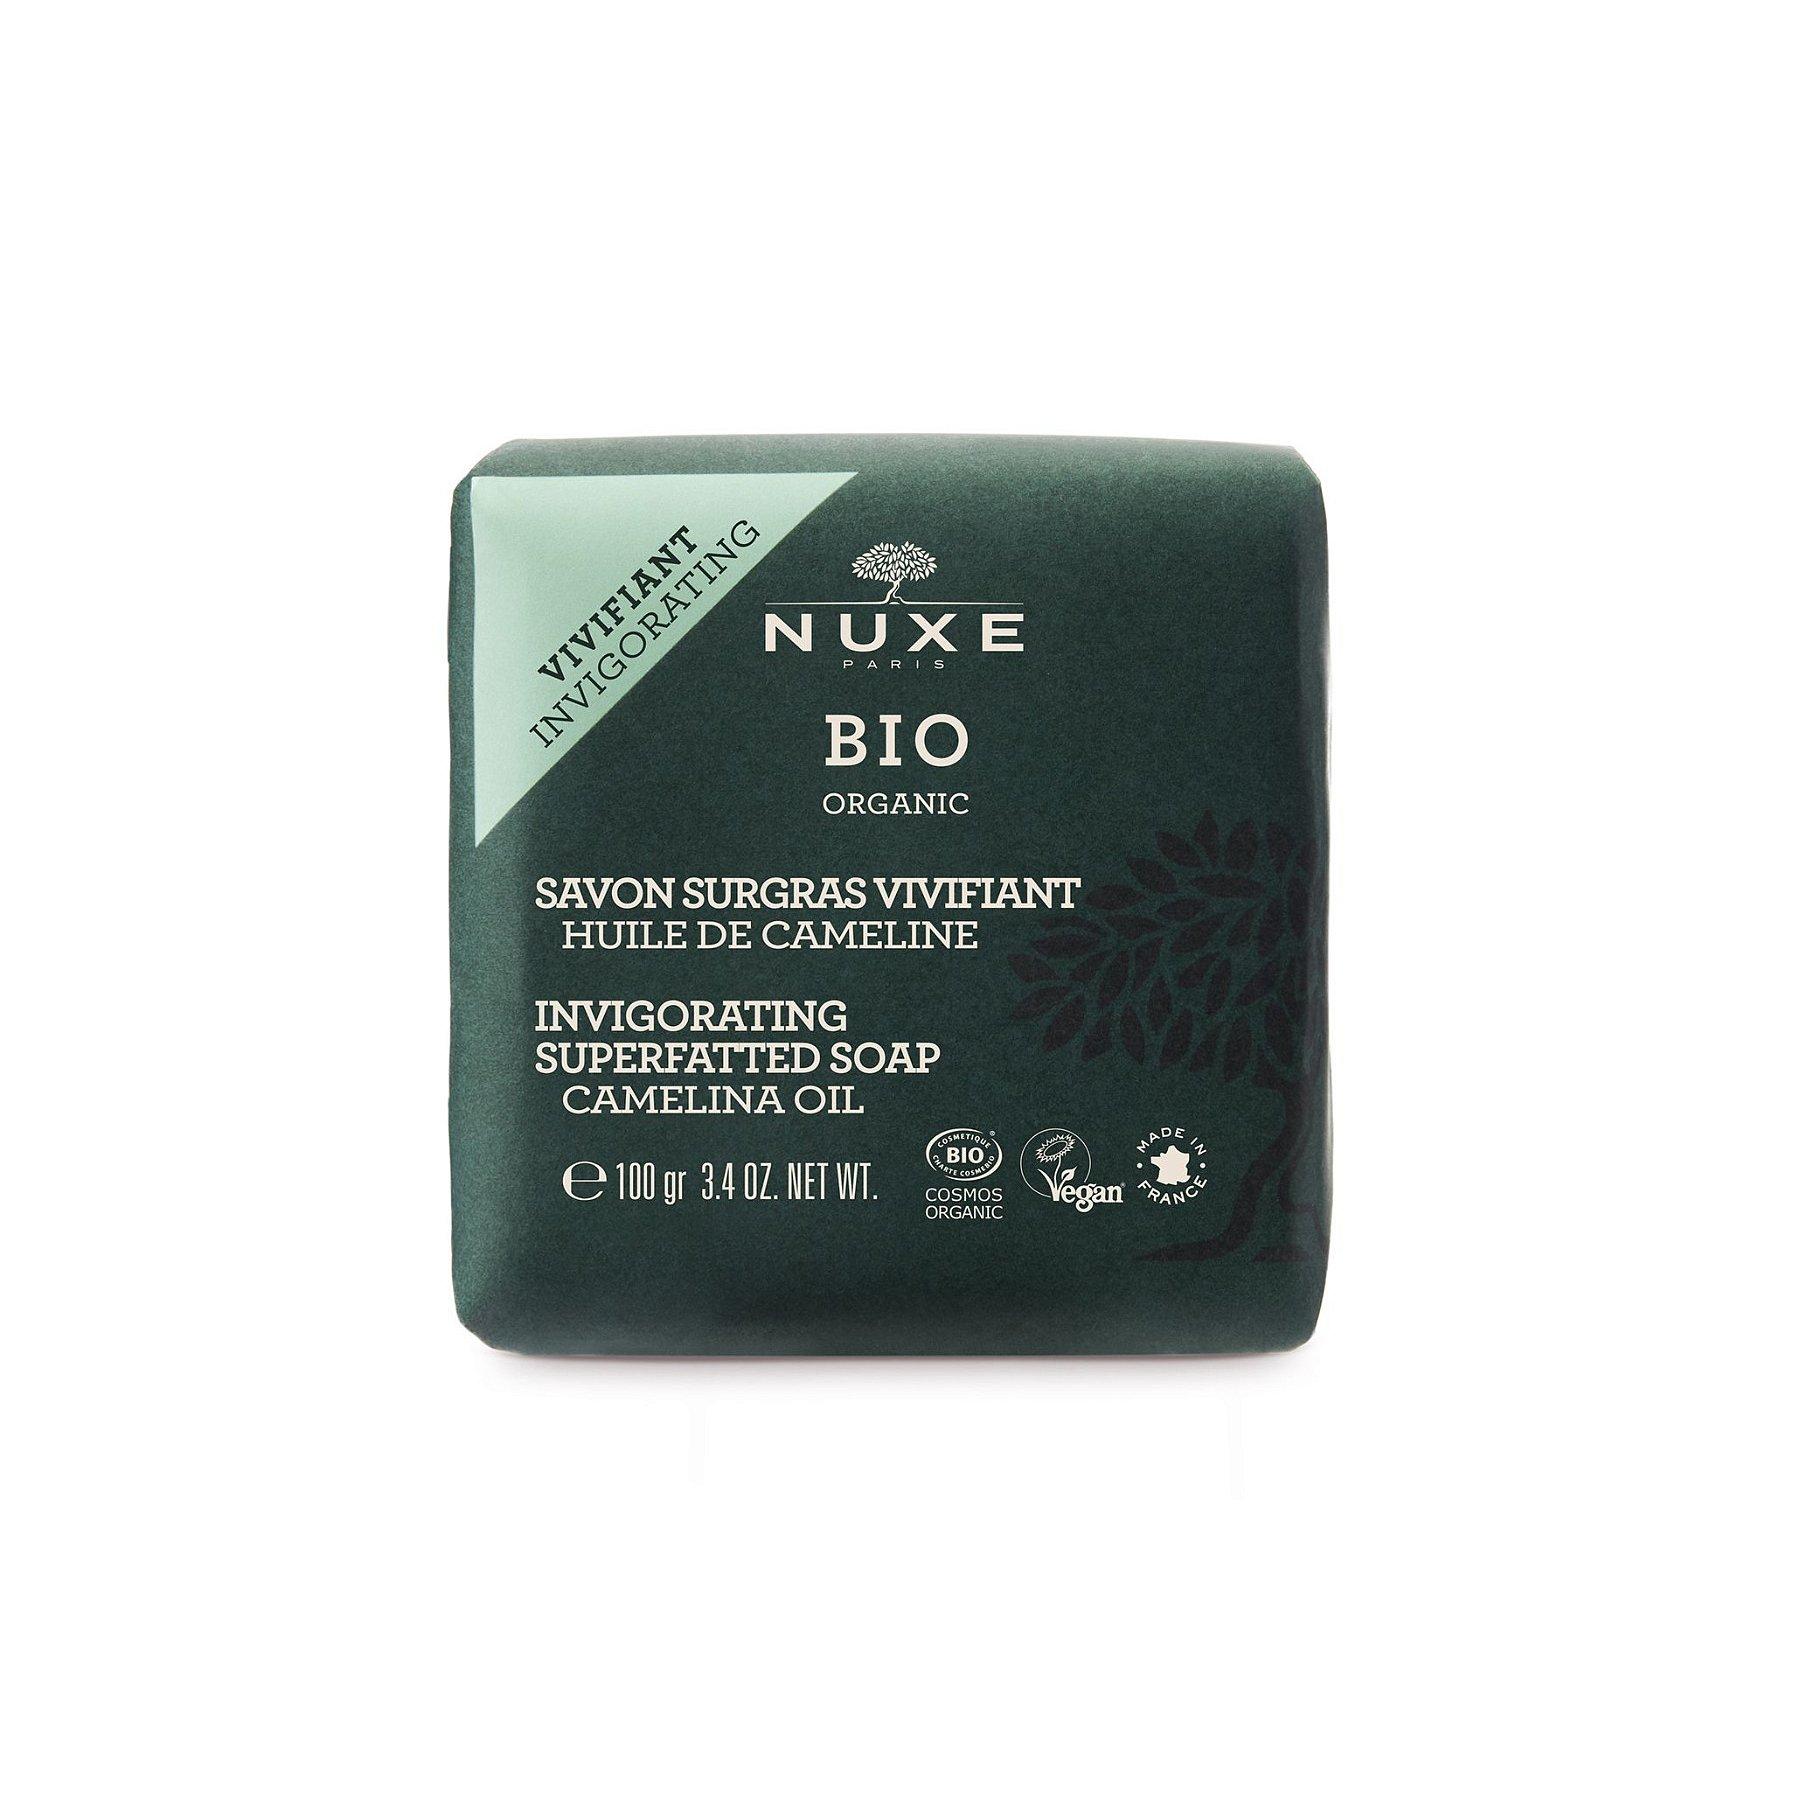 Nuxe BIO Osvěžující a vyživující mýdlo 100 g